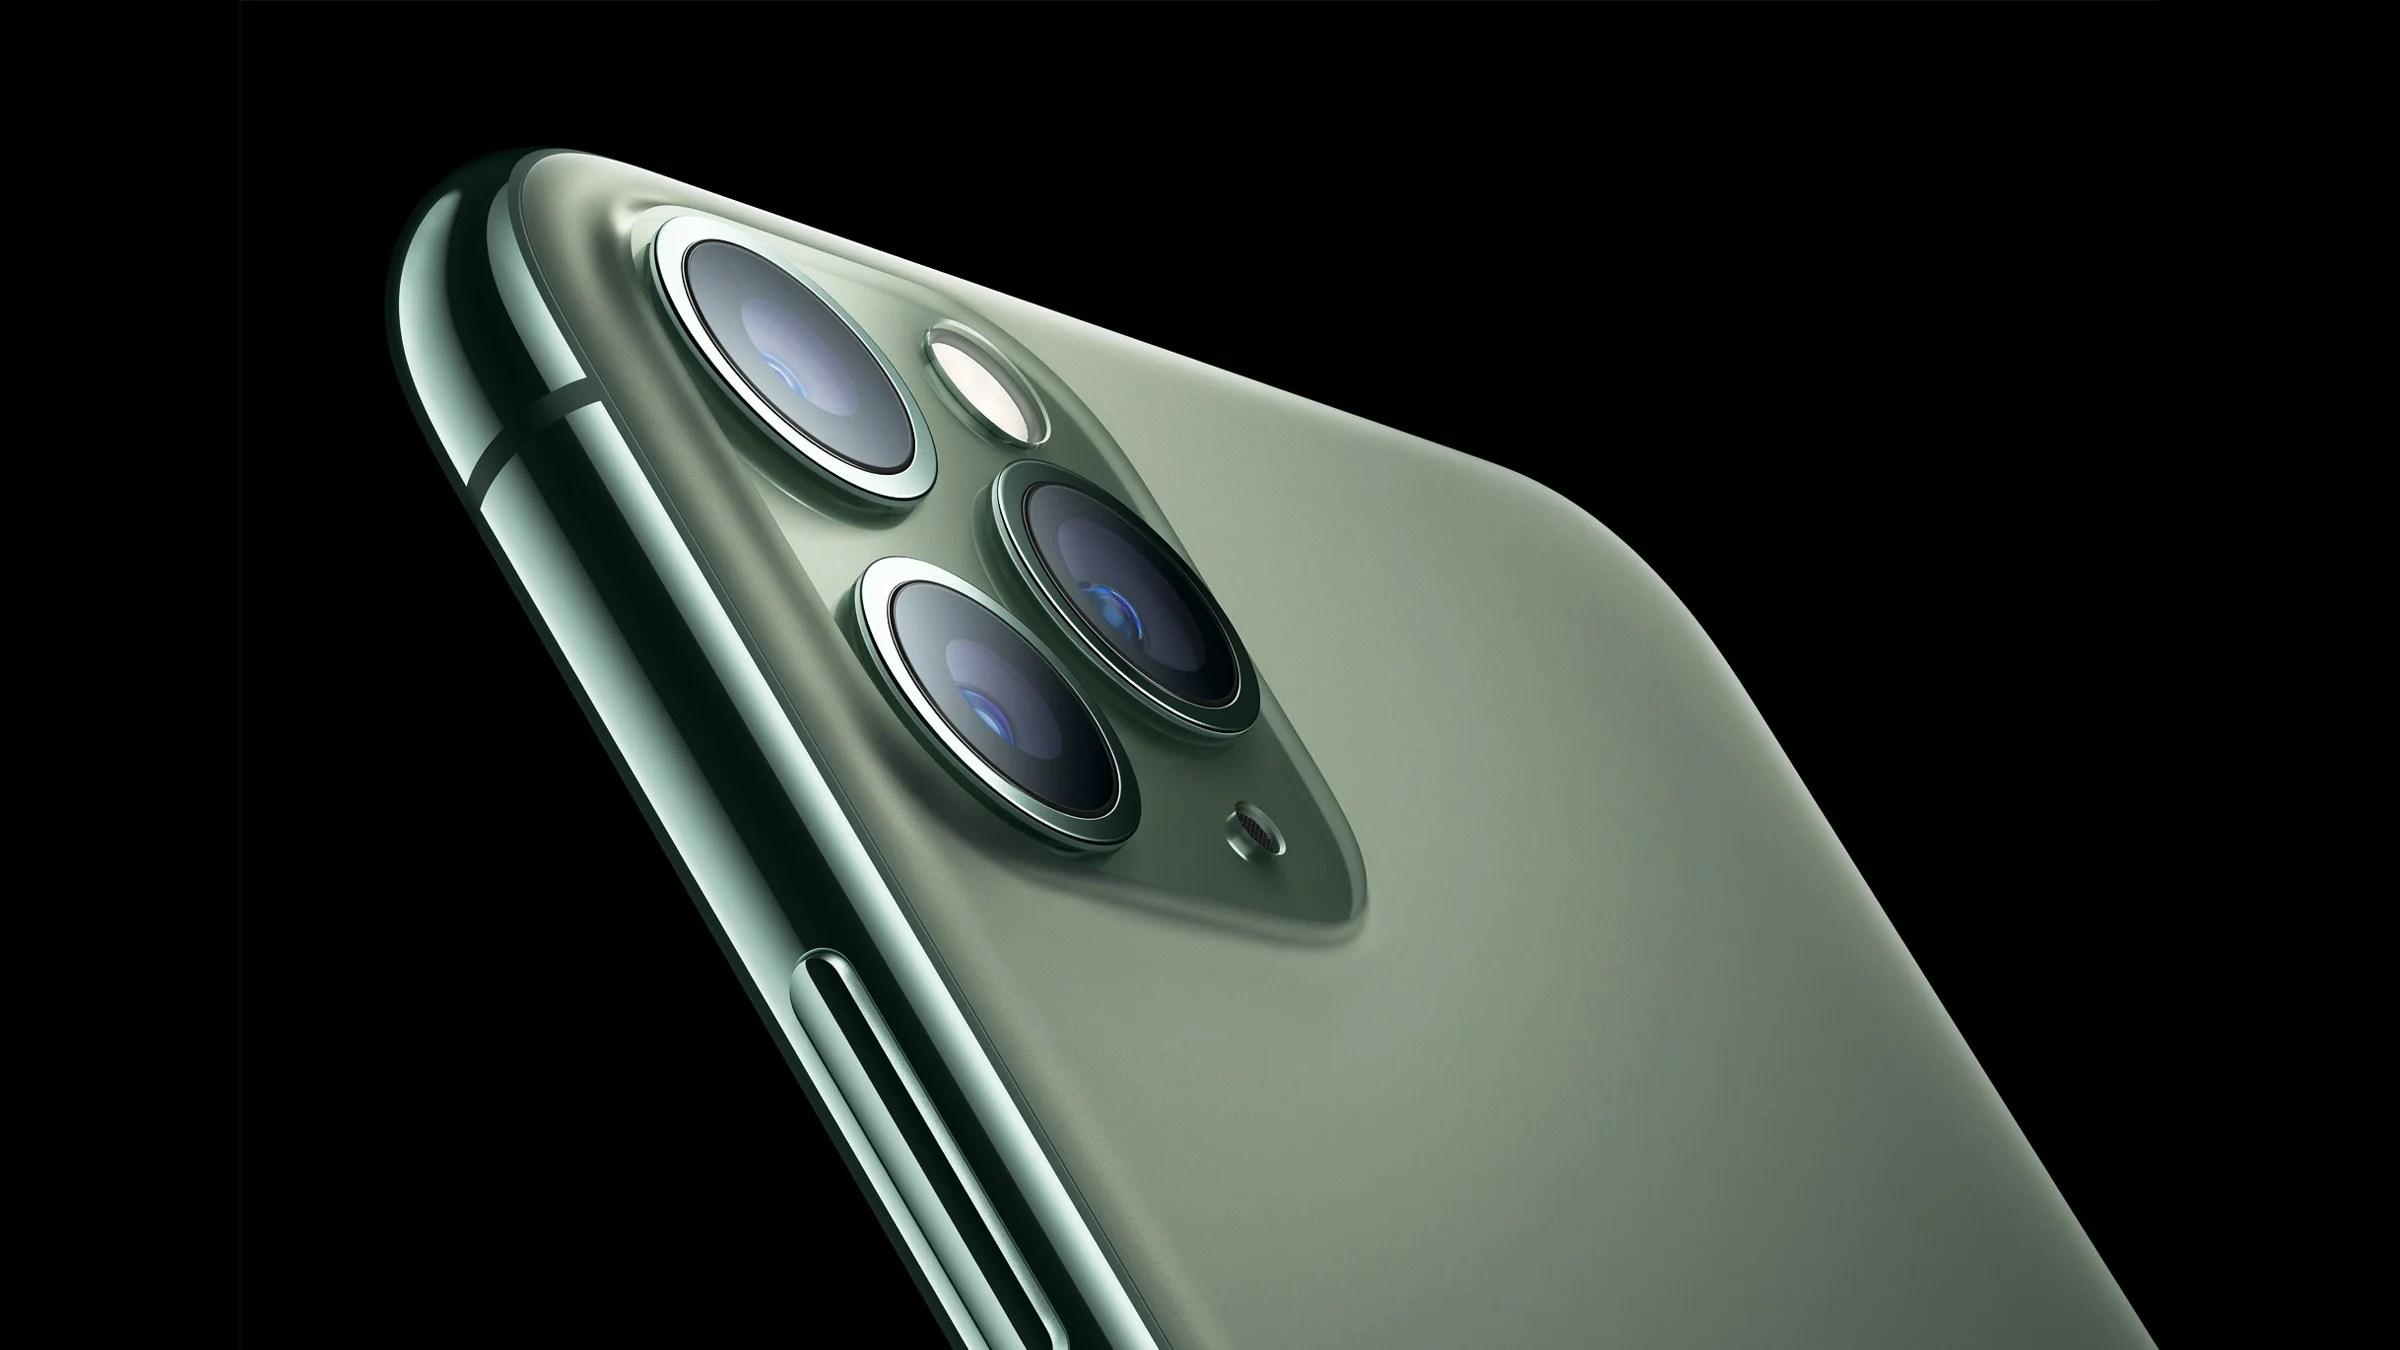 ¿Para quién es el iPhone 11 Pro? Seguramente no para usted